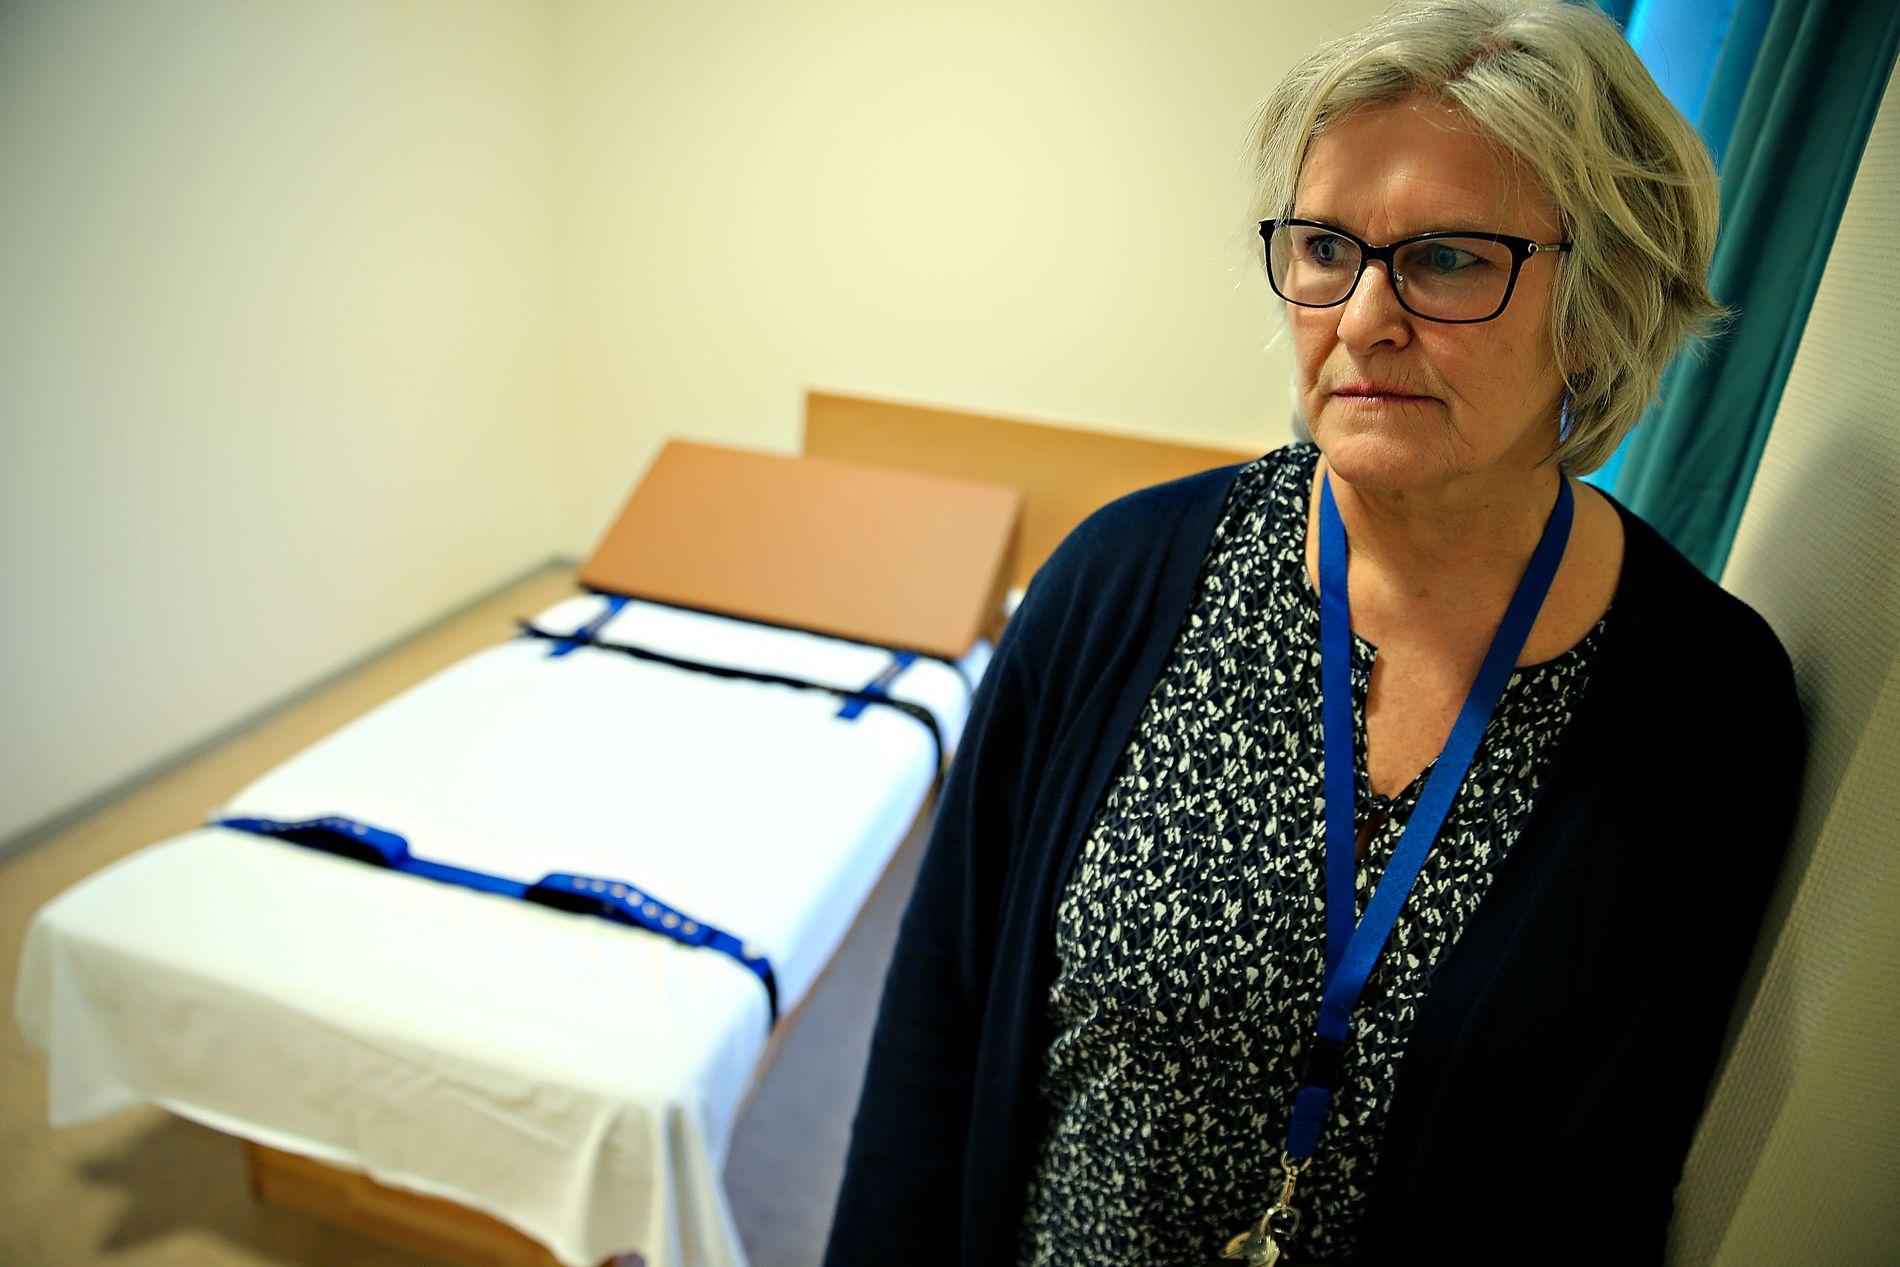 KRITISK: Klinikksjef ved Sandviken sykehus, Kristin Jordheim Bovim.